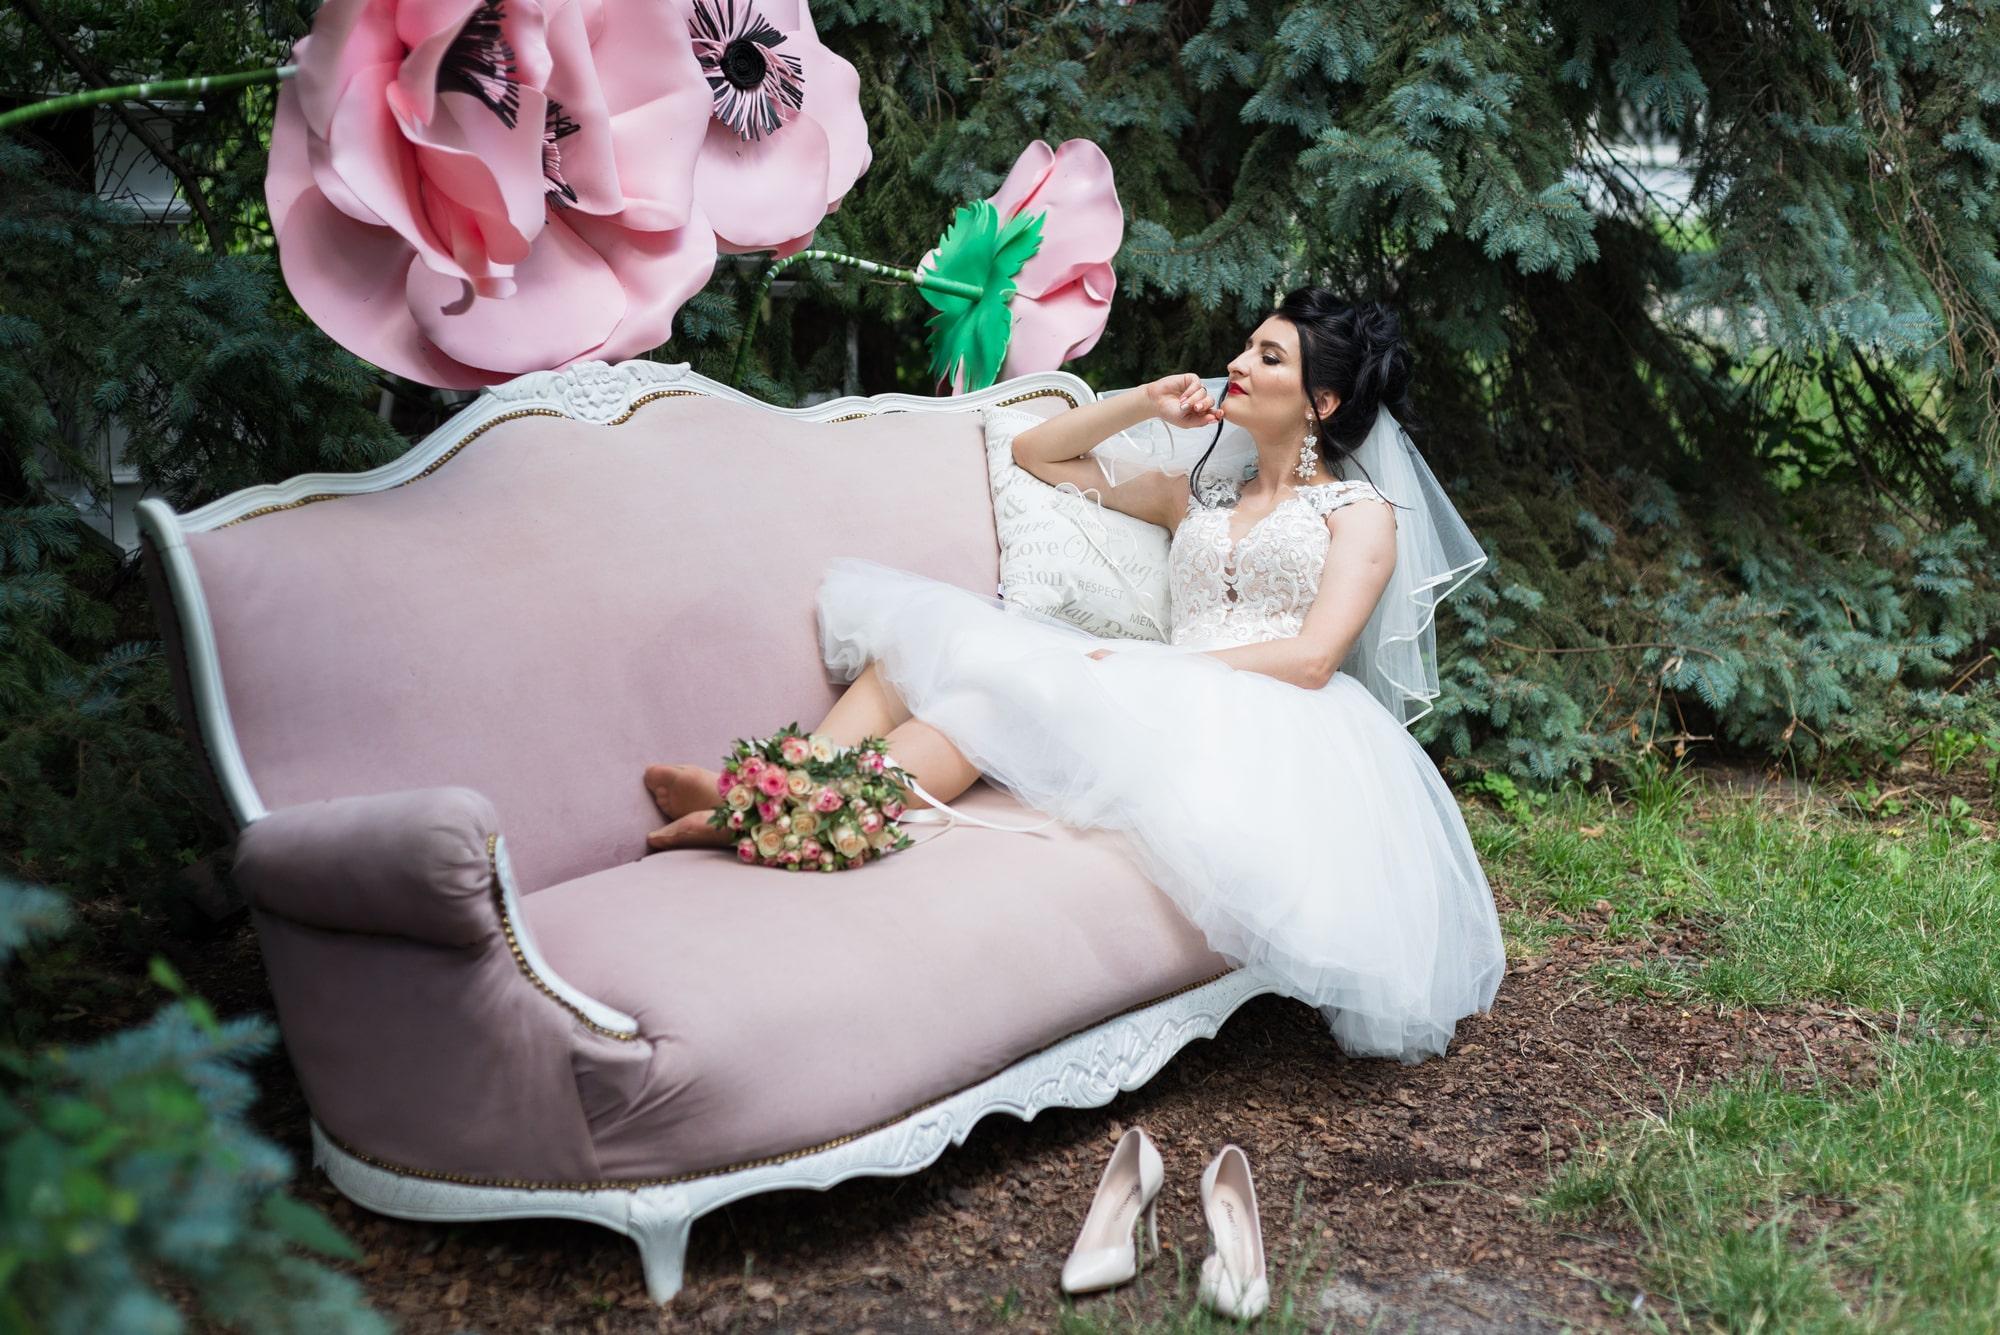 Свадебная фотосъемка в студии Плей - невеста на диване